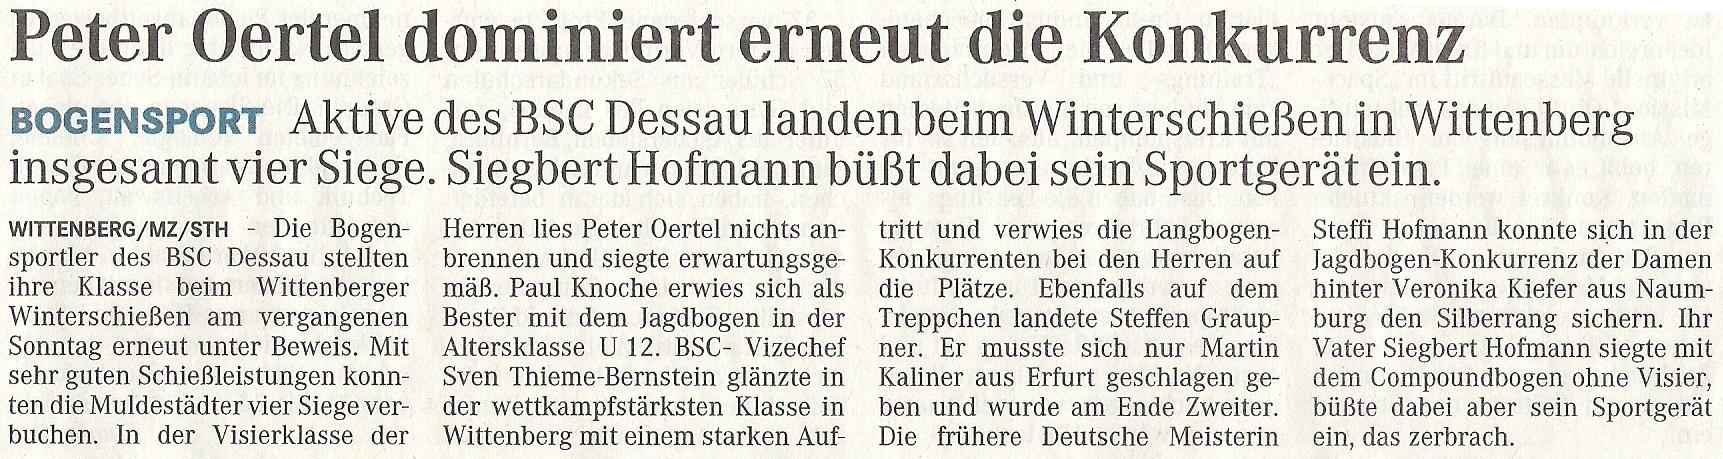 Winterschiessen in Wittenberg – Mitteldeutsche Zeitung vom 11.03.2009